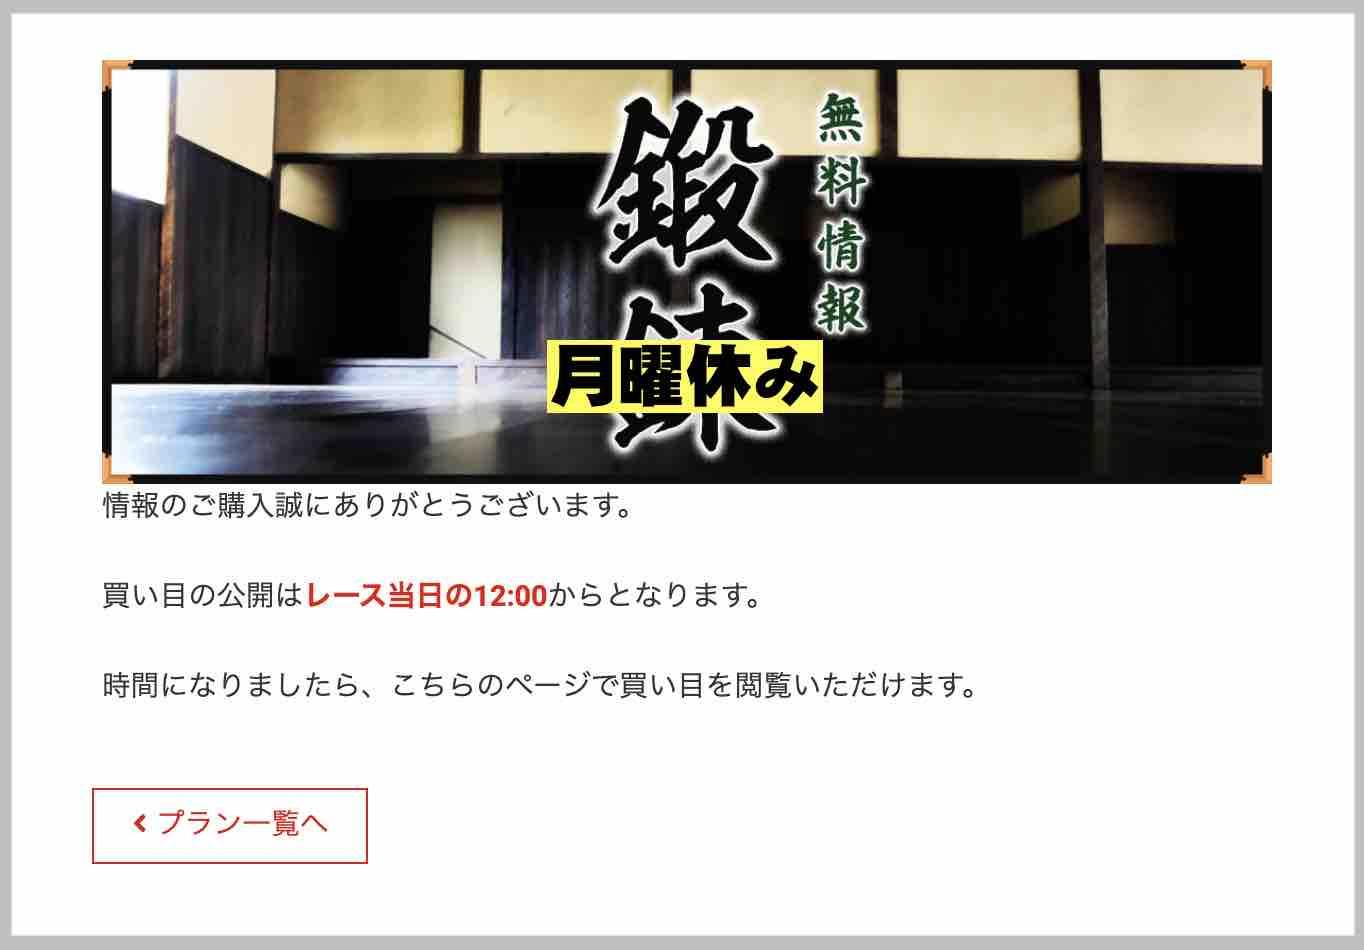 船国無双という競艇予想サイト(ボートレース予想サイト)の無料予想(無料情報)は月曜定休日